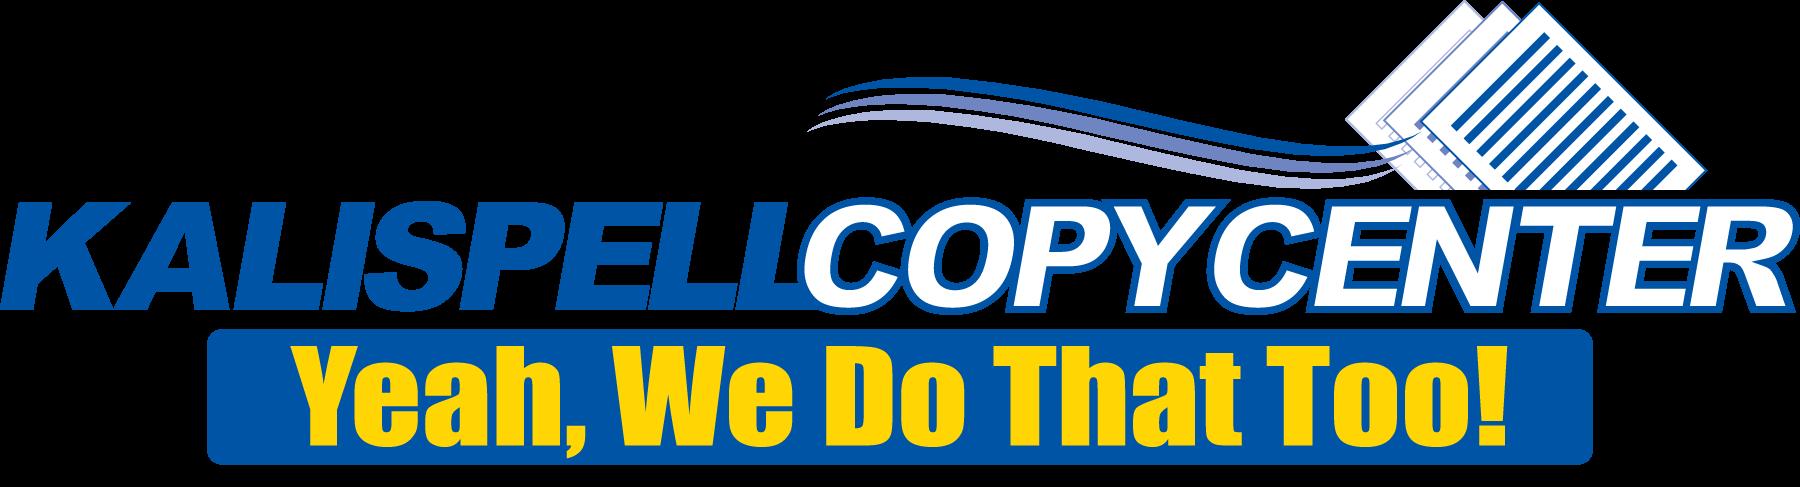 Kalispell Copy Center